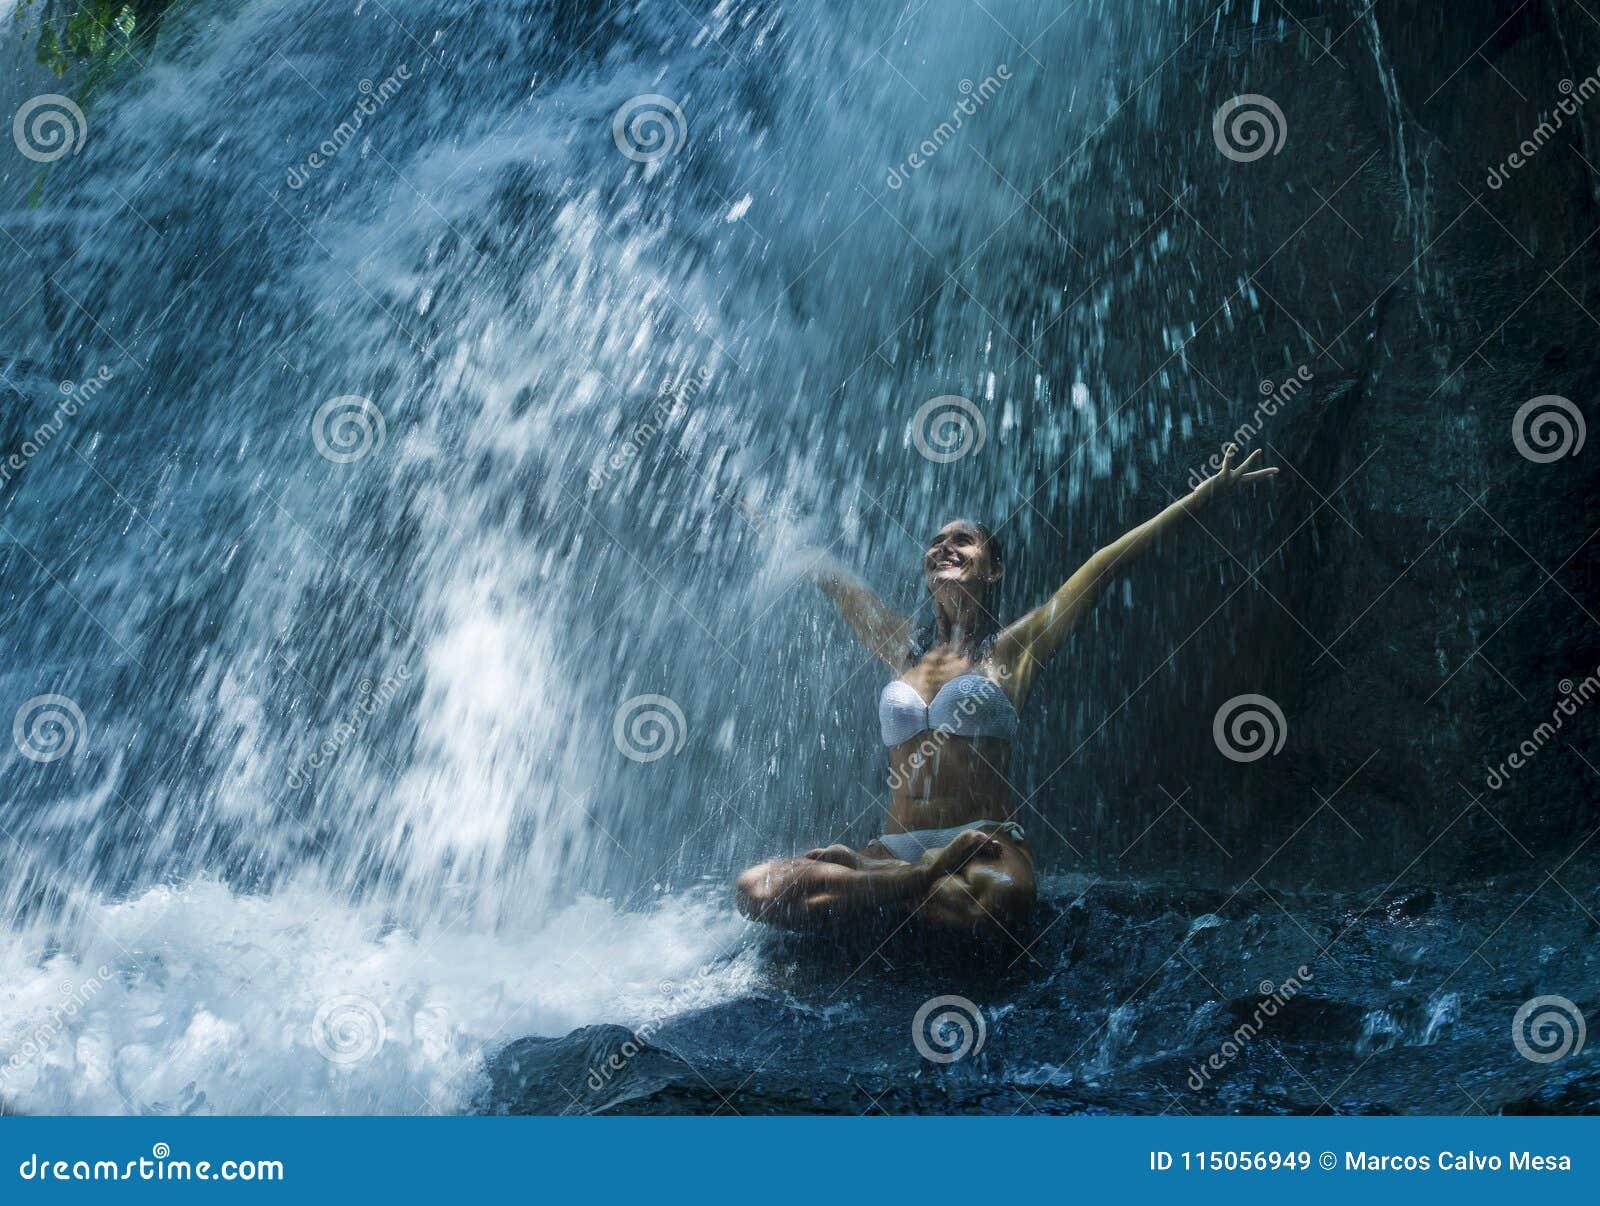 Η ελκυστική συνεδρίαση γυναικών στο βράχο στη γιόγκα θέτει για την πνευματικές ηρεμία και την περισυλλογή χαλάρωσης στη ζάλη του